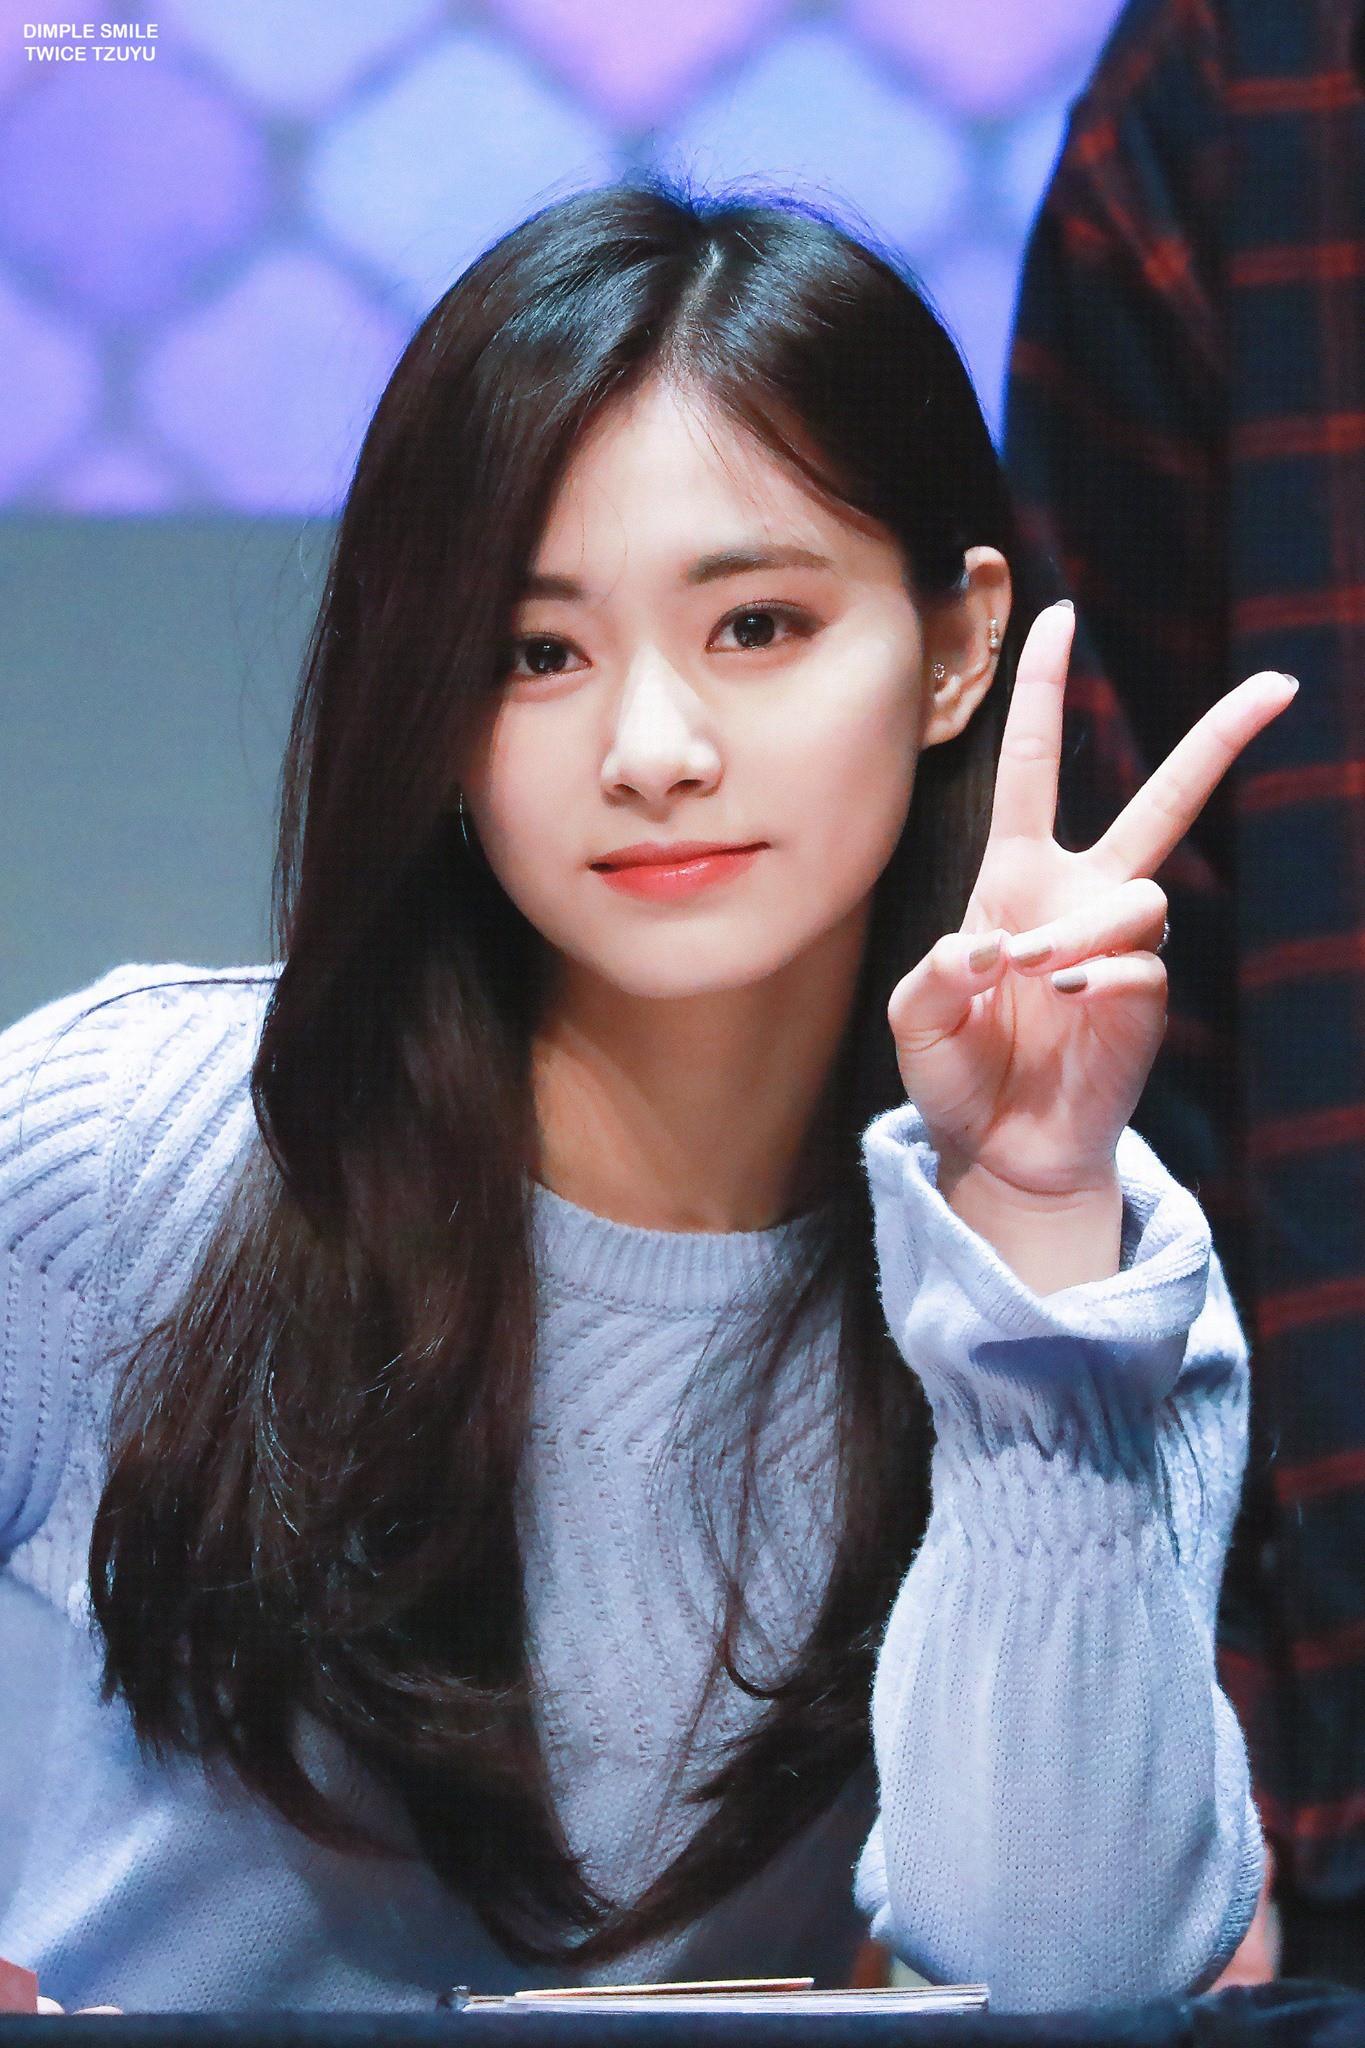 100 gương mặt đẹp nhất châu Á: Lisa bỏ xa Angela Baby - Song Hye Kyo, HH Đặng Thu Thảo và Ngọc Trinh bất ngờ lọt top - Ảnh 4.